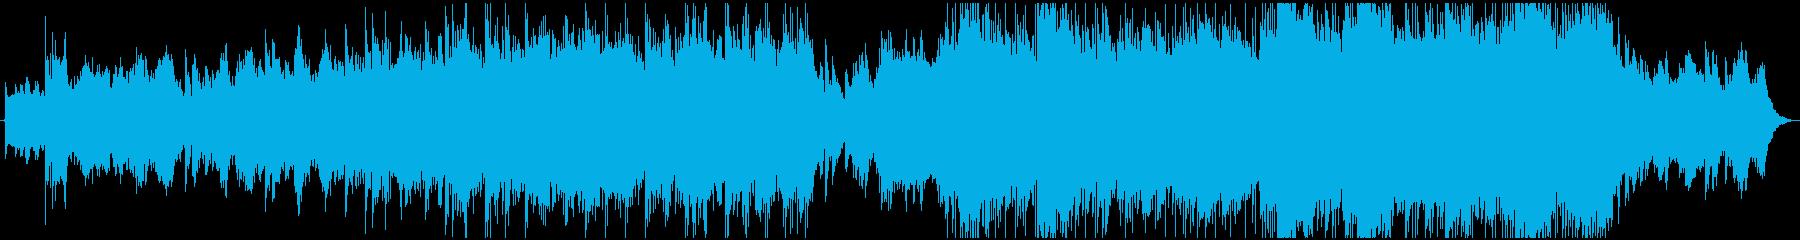 エンディング感のあるエピック系BGMの再生済みの波形